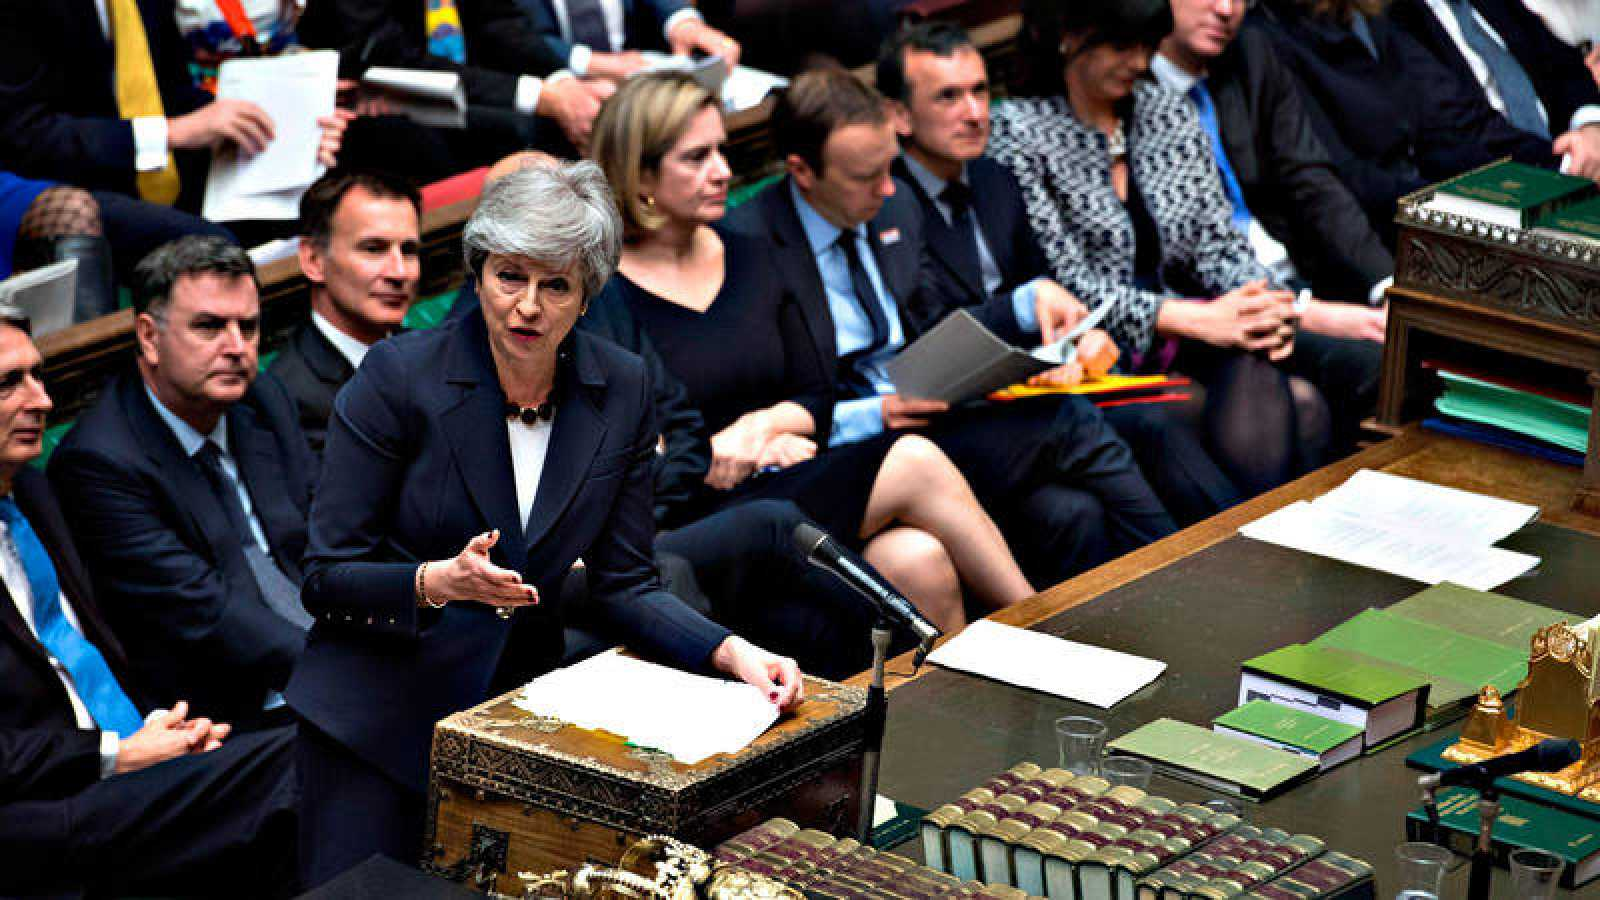 La primera ministra británica, Theresa May, durante la sesión parlamentaria